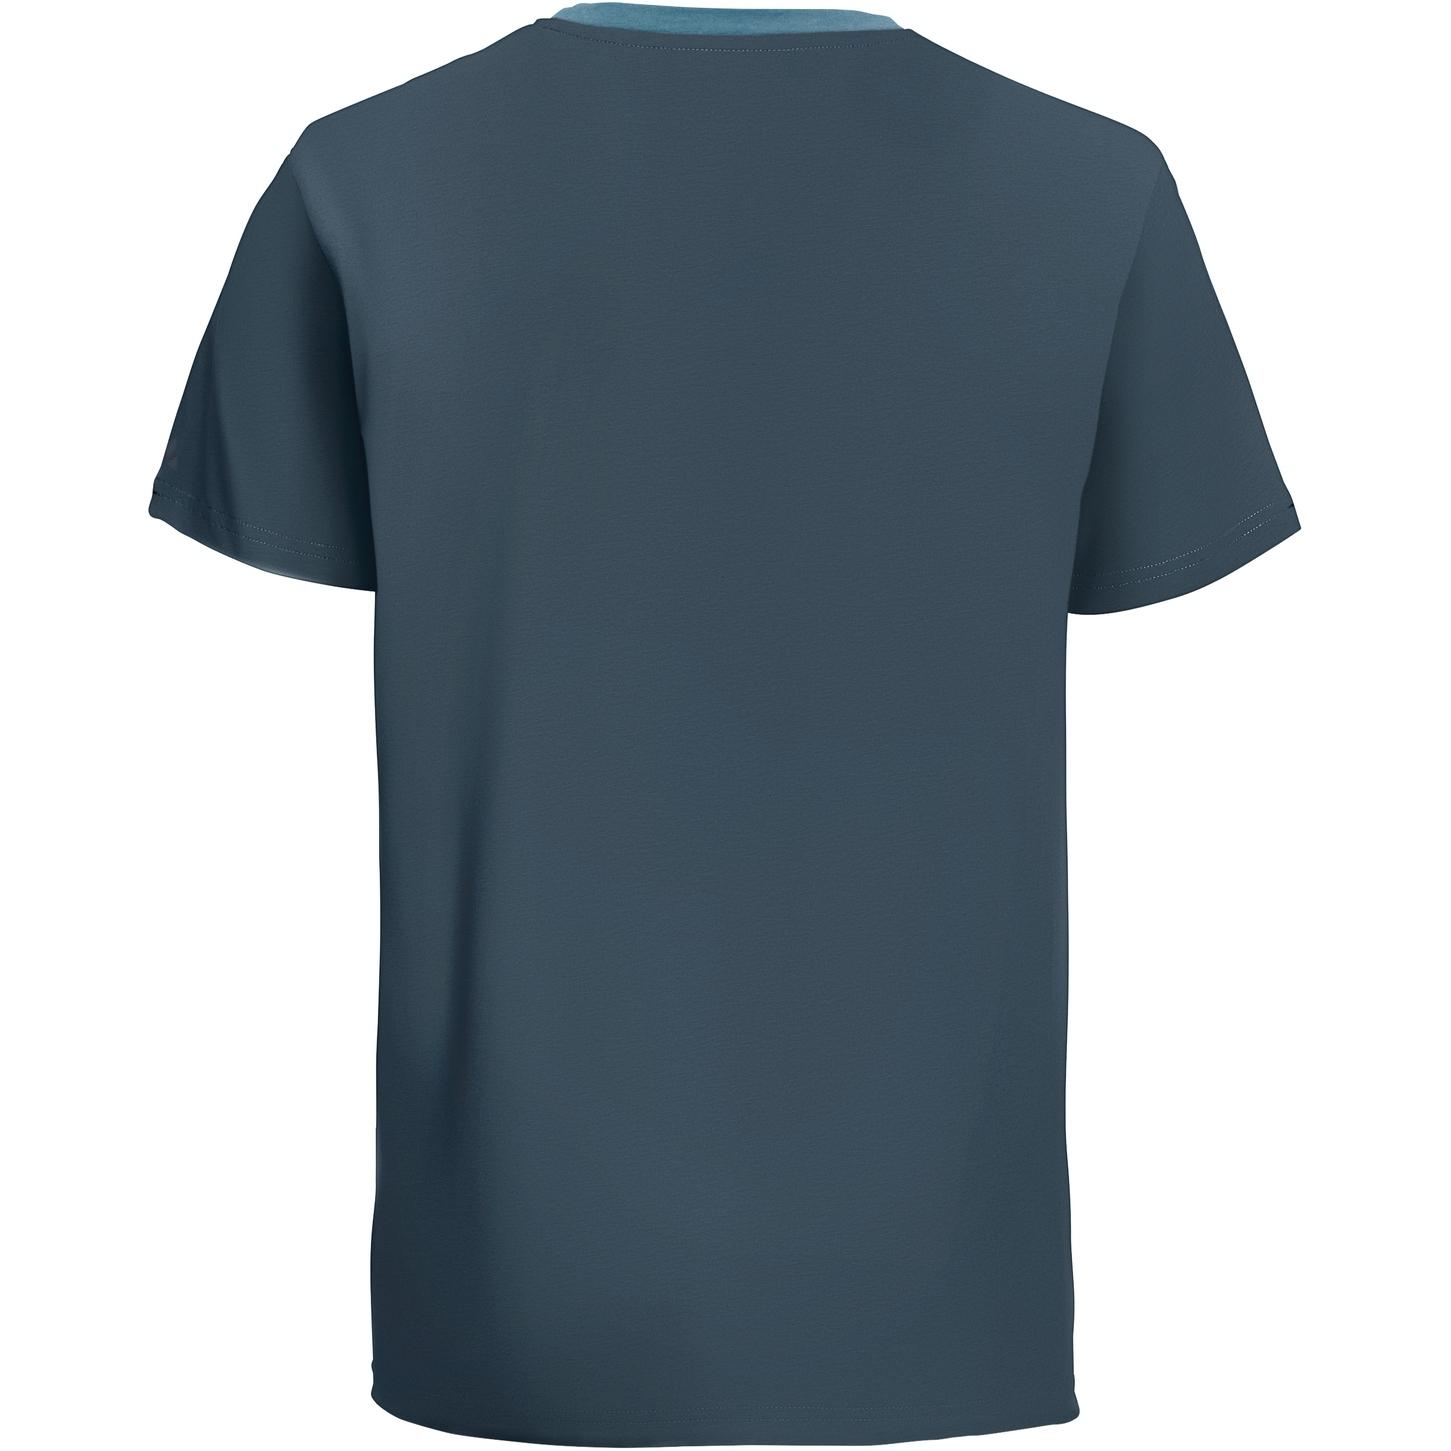 Bild von Vaude Nevis T-Shirt III - steelblue